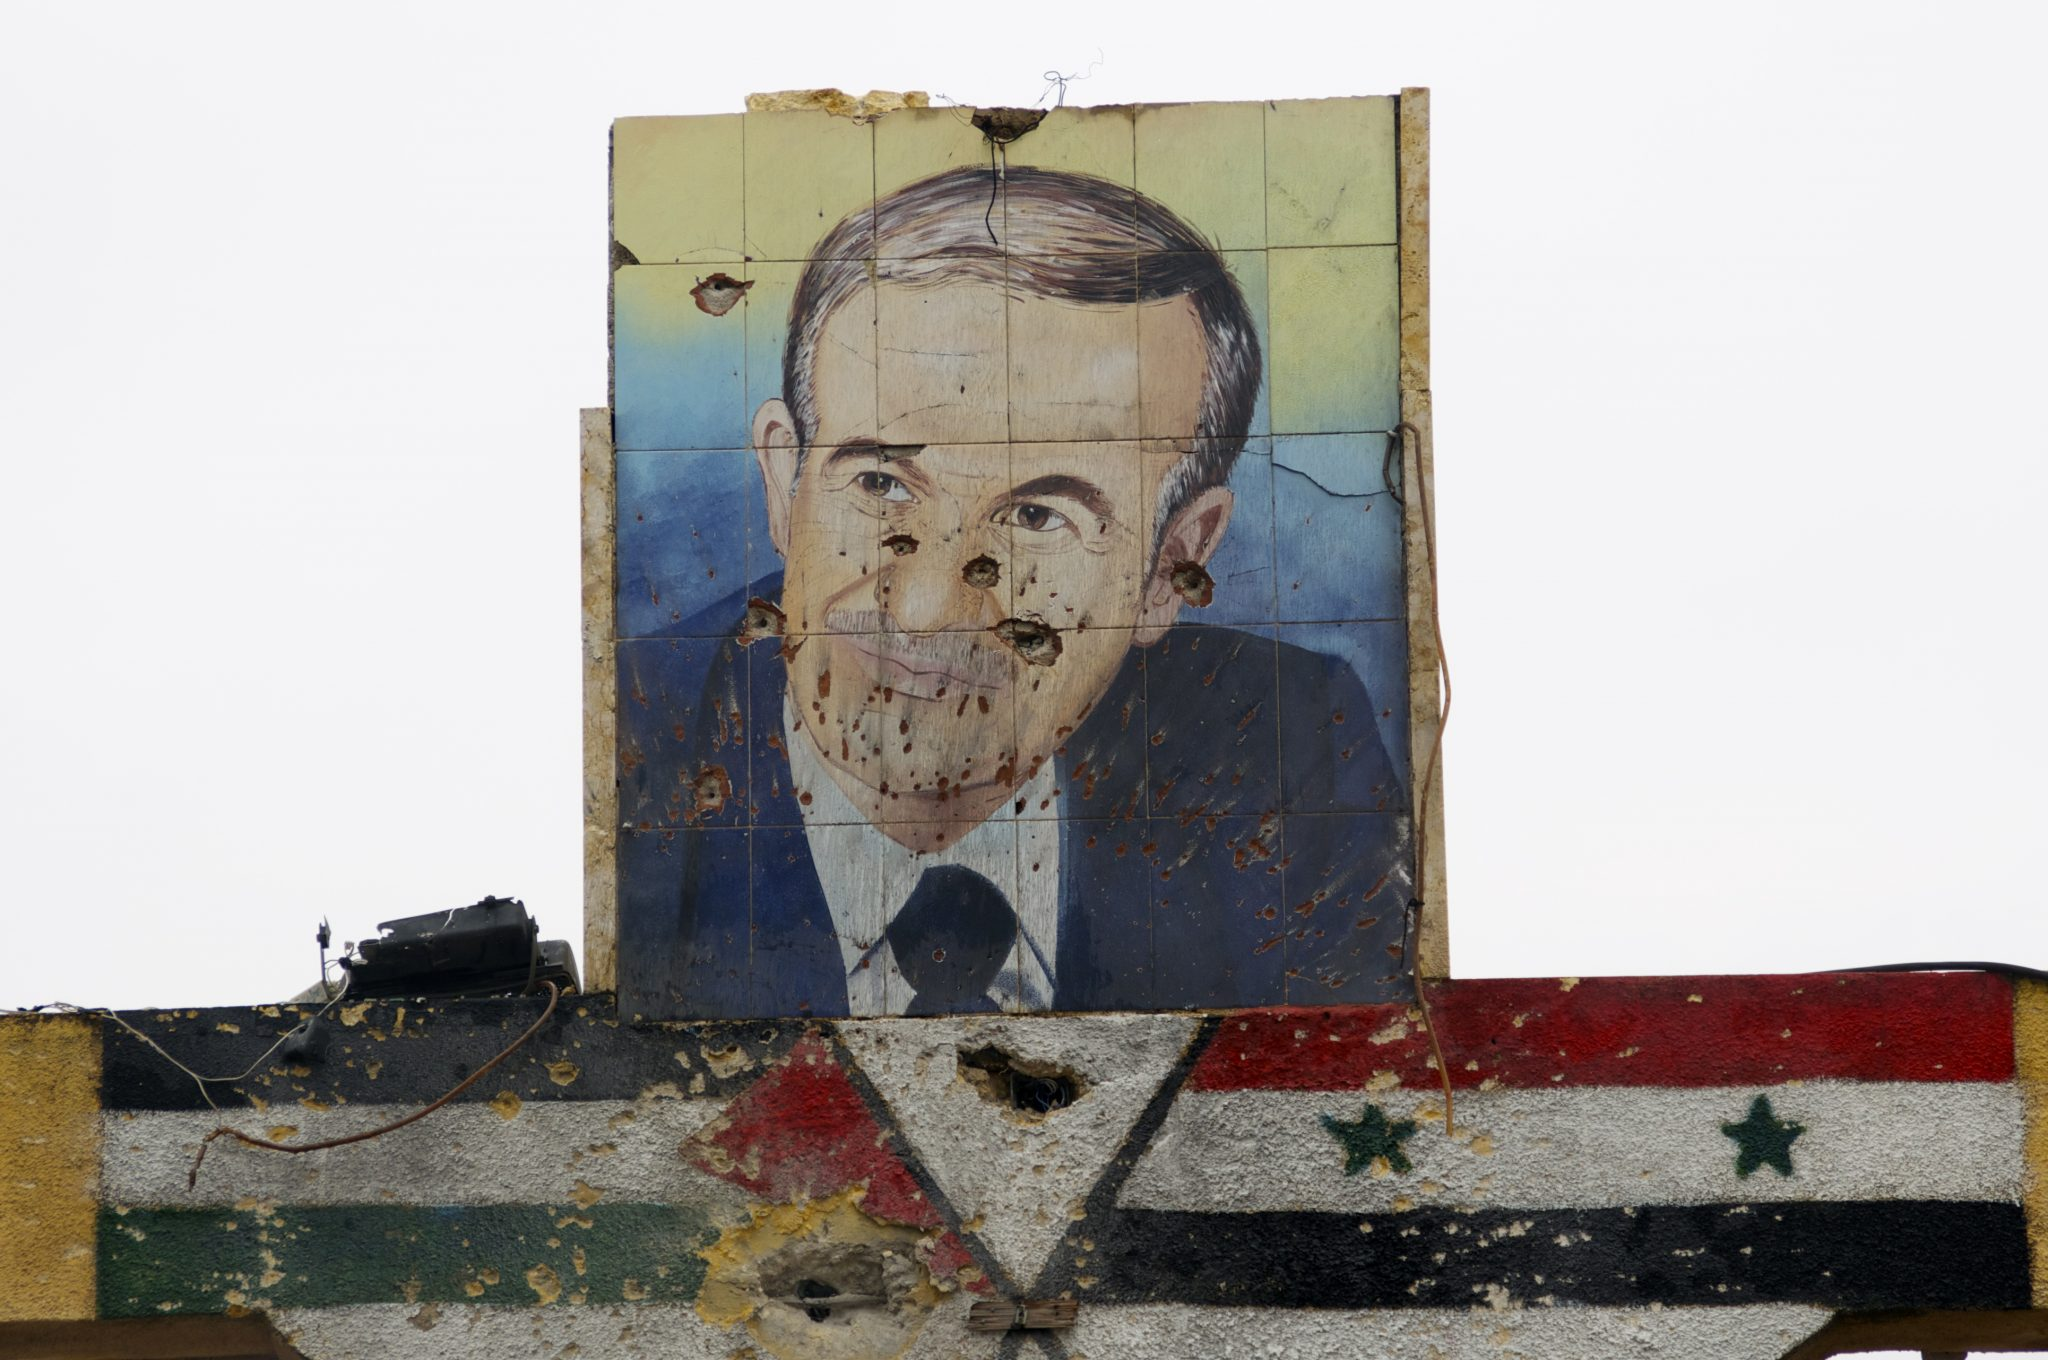 صورة معلومات مخفية: كواليس تسلم بشار الأسد الحكم وقصة مـ.ـوت حافظ الحقيقية